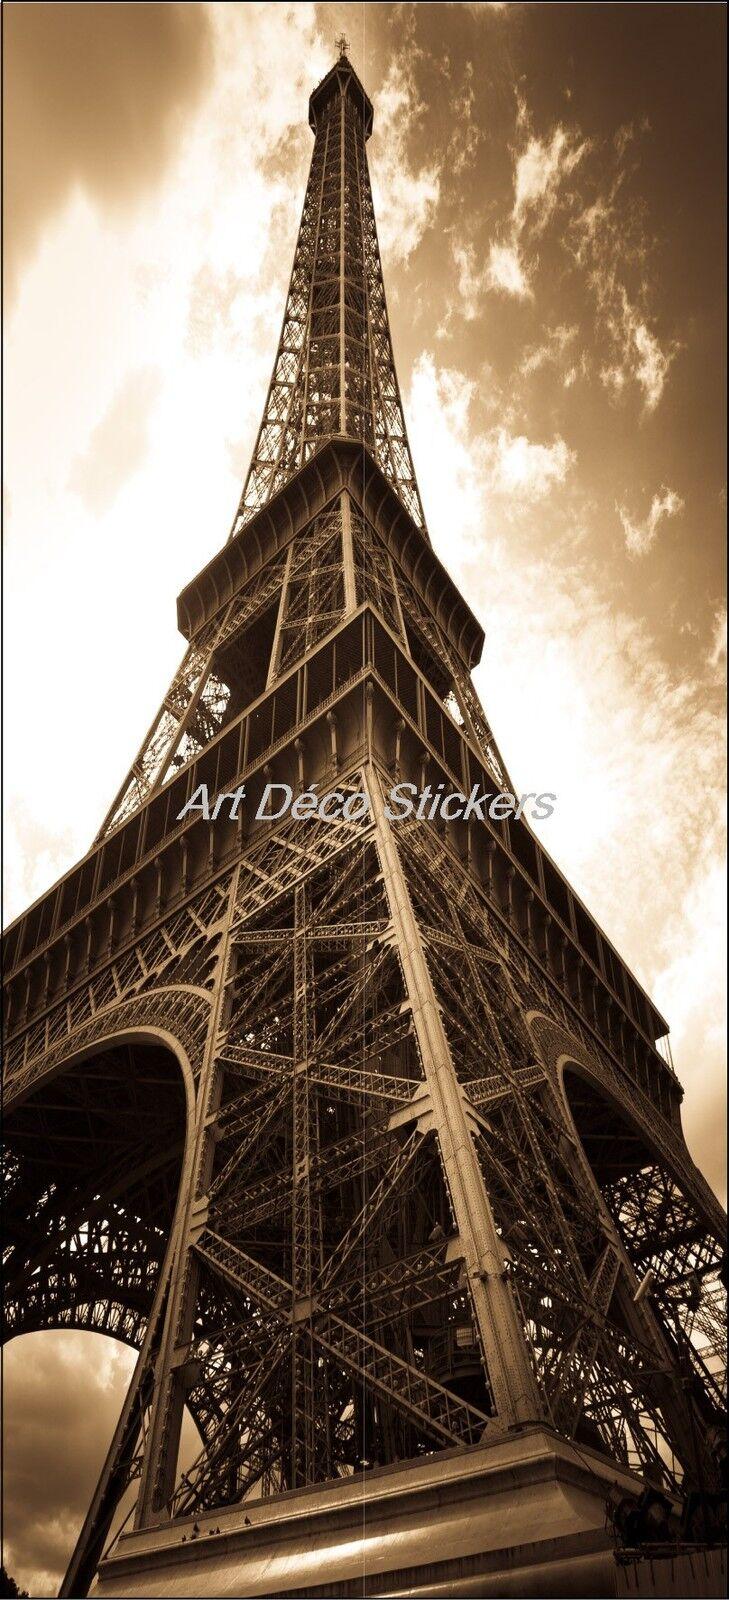 Plakat Plakat Tür Deko Schein Auge Eiffelturm Ref 056 (4 Größe)